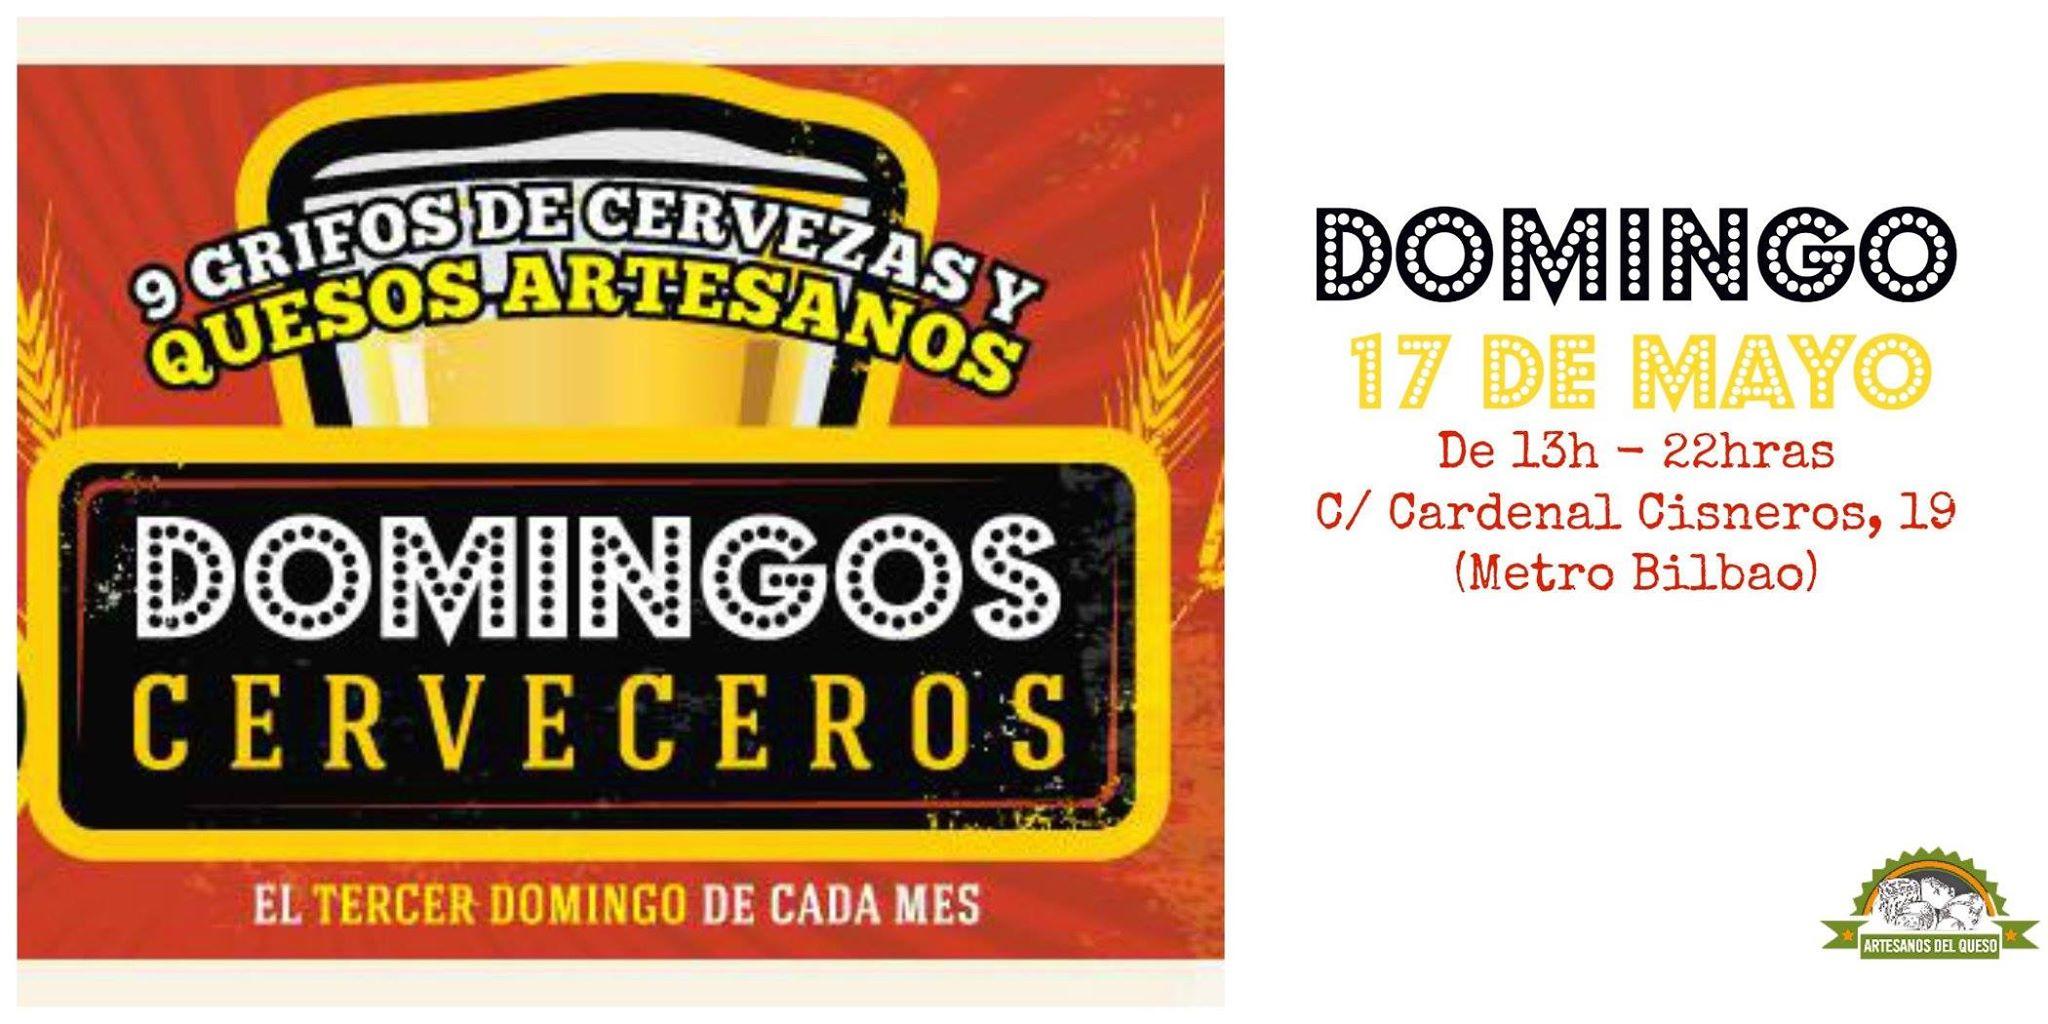 RT @ArtesanosdQueso: Este fin de semana vuelve el #DomingoCervecero en @LEUROPEMADRID #Madrid. Con #cervezas y #quesos sorprendentes http://t.co/IV6f3wJqb6